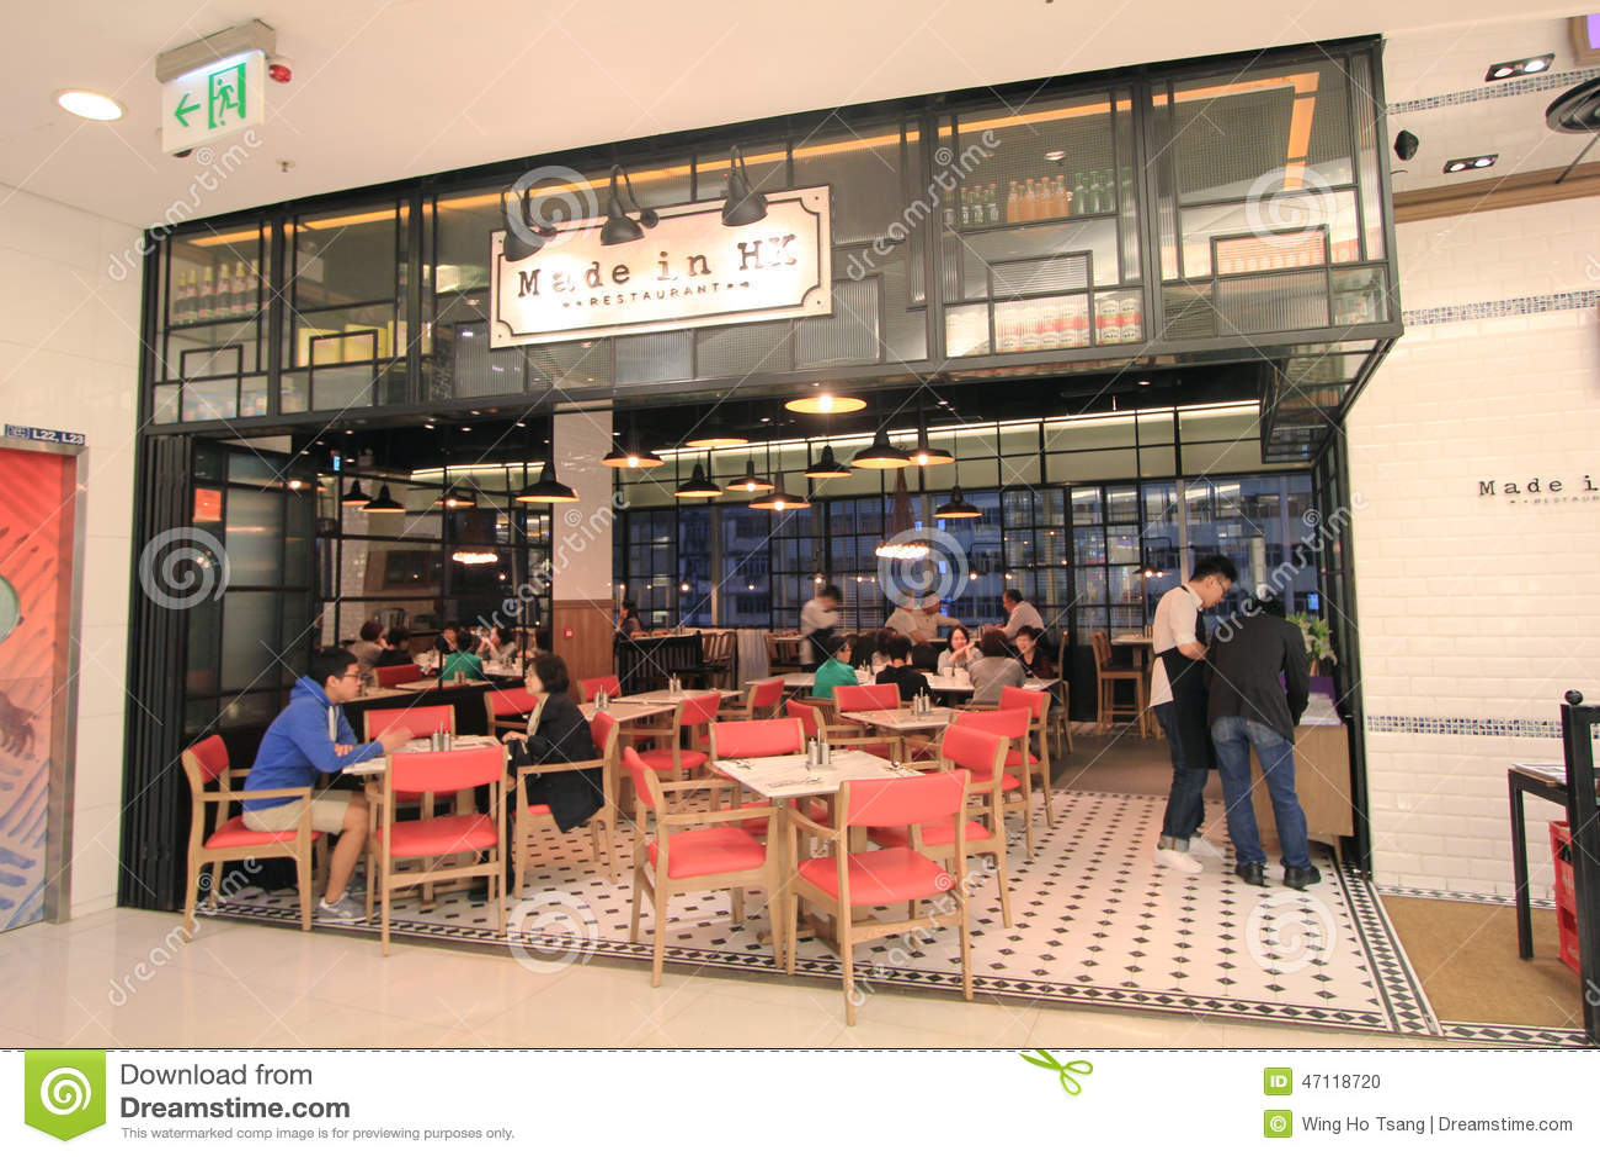 Fatto Nel Ristorante Della HK A Hong Kong Immagine Editoriale ...